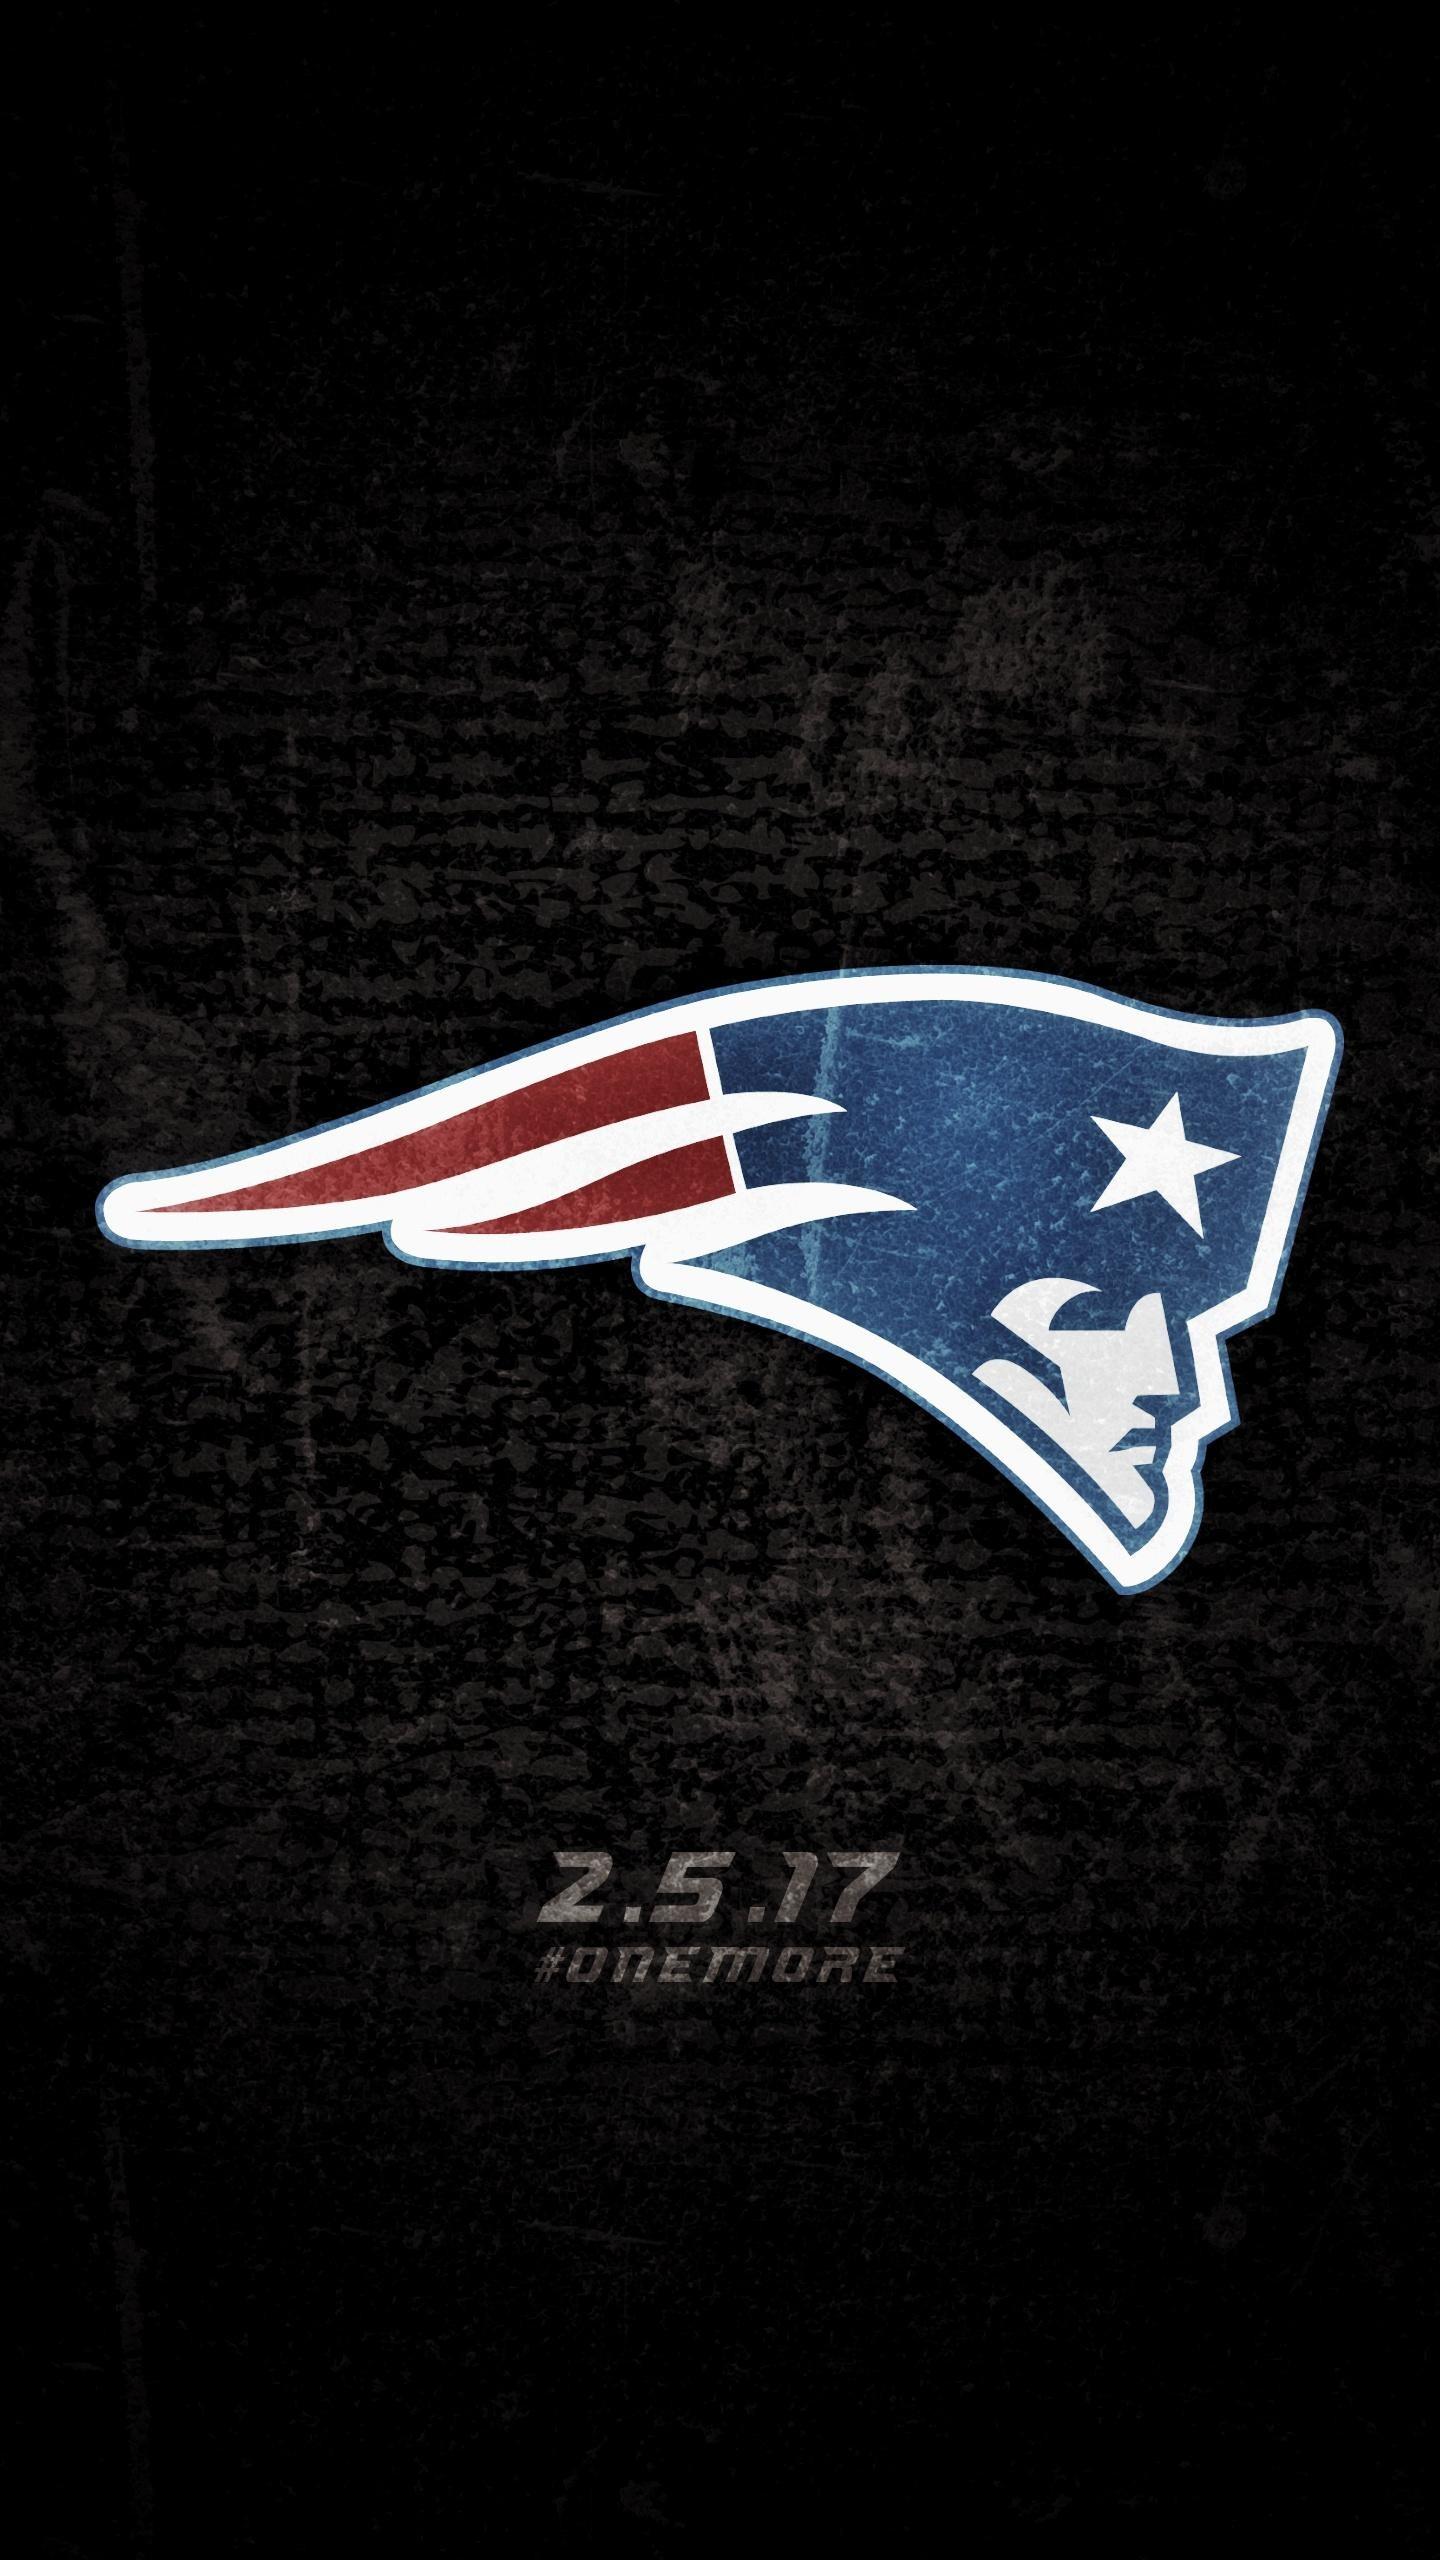 Patriots Super Bowl Champions Wallpaper 75 images 1440x2560